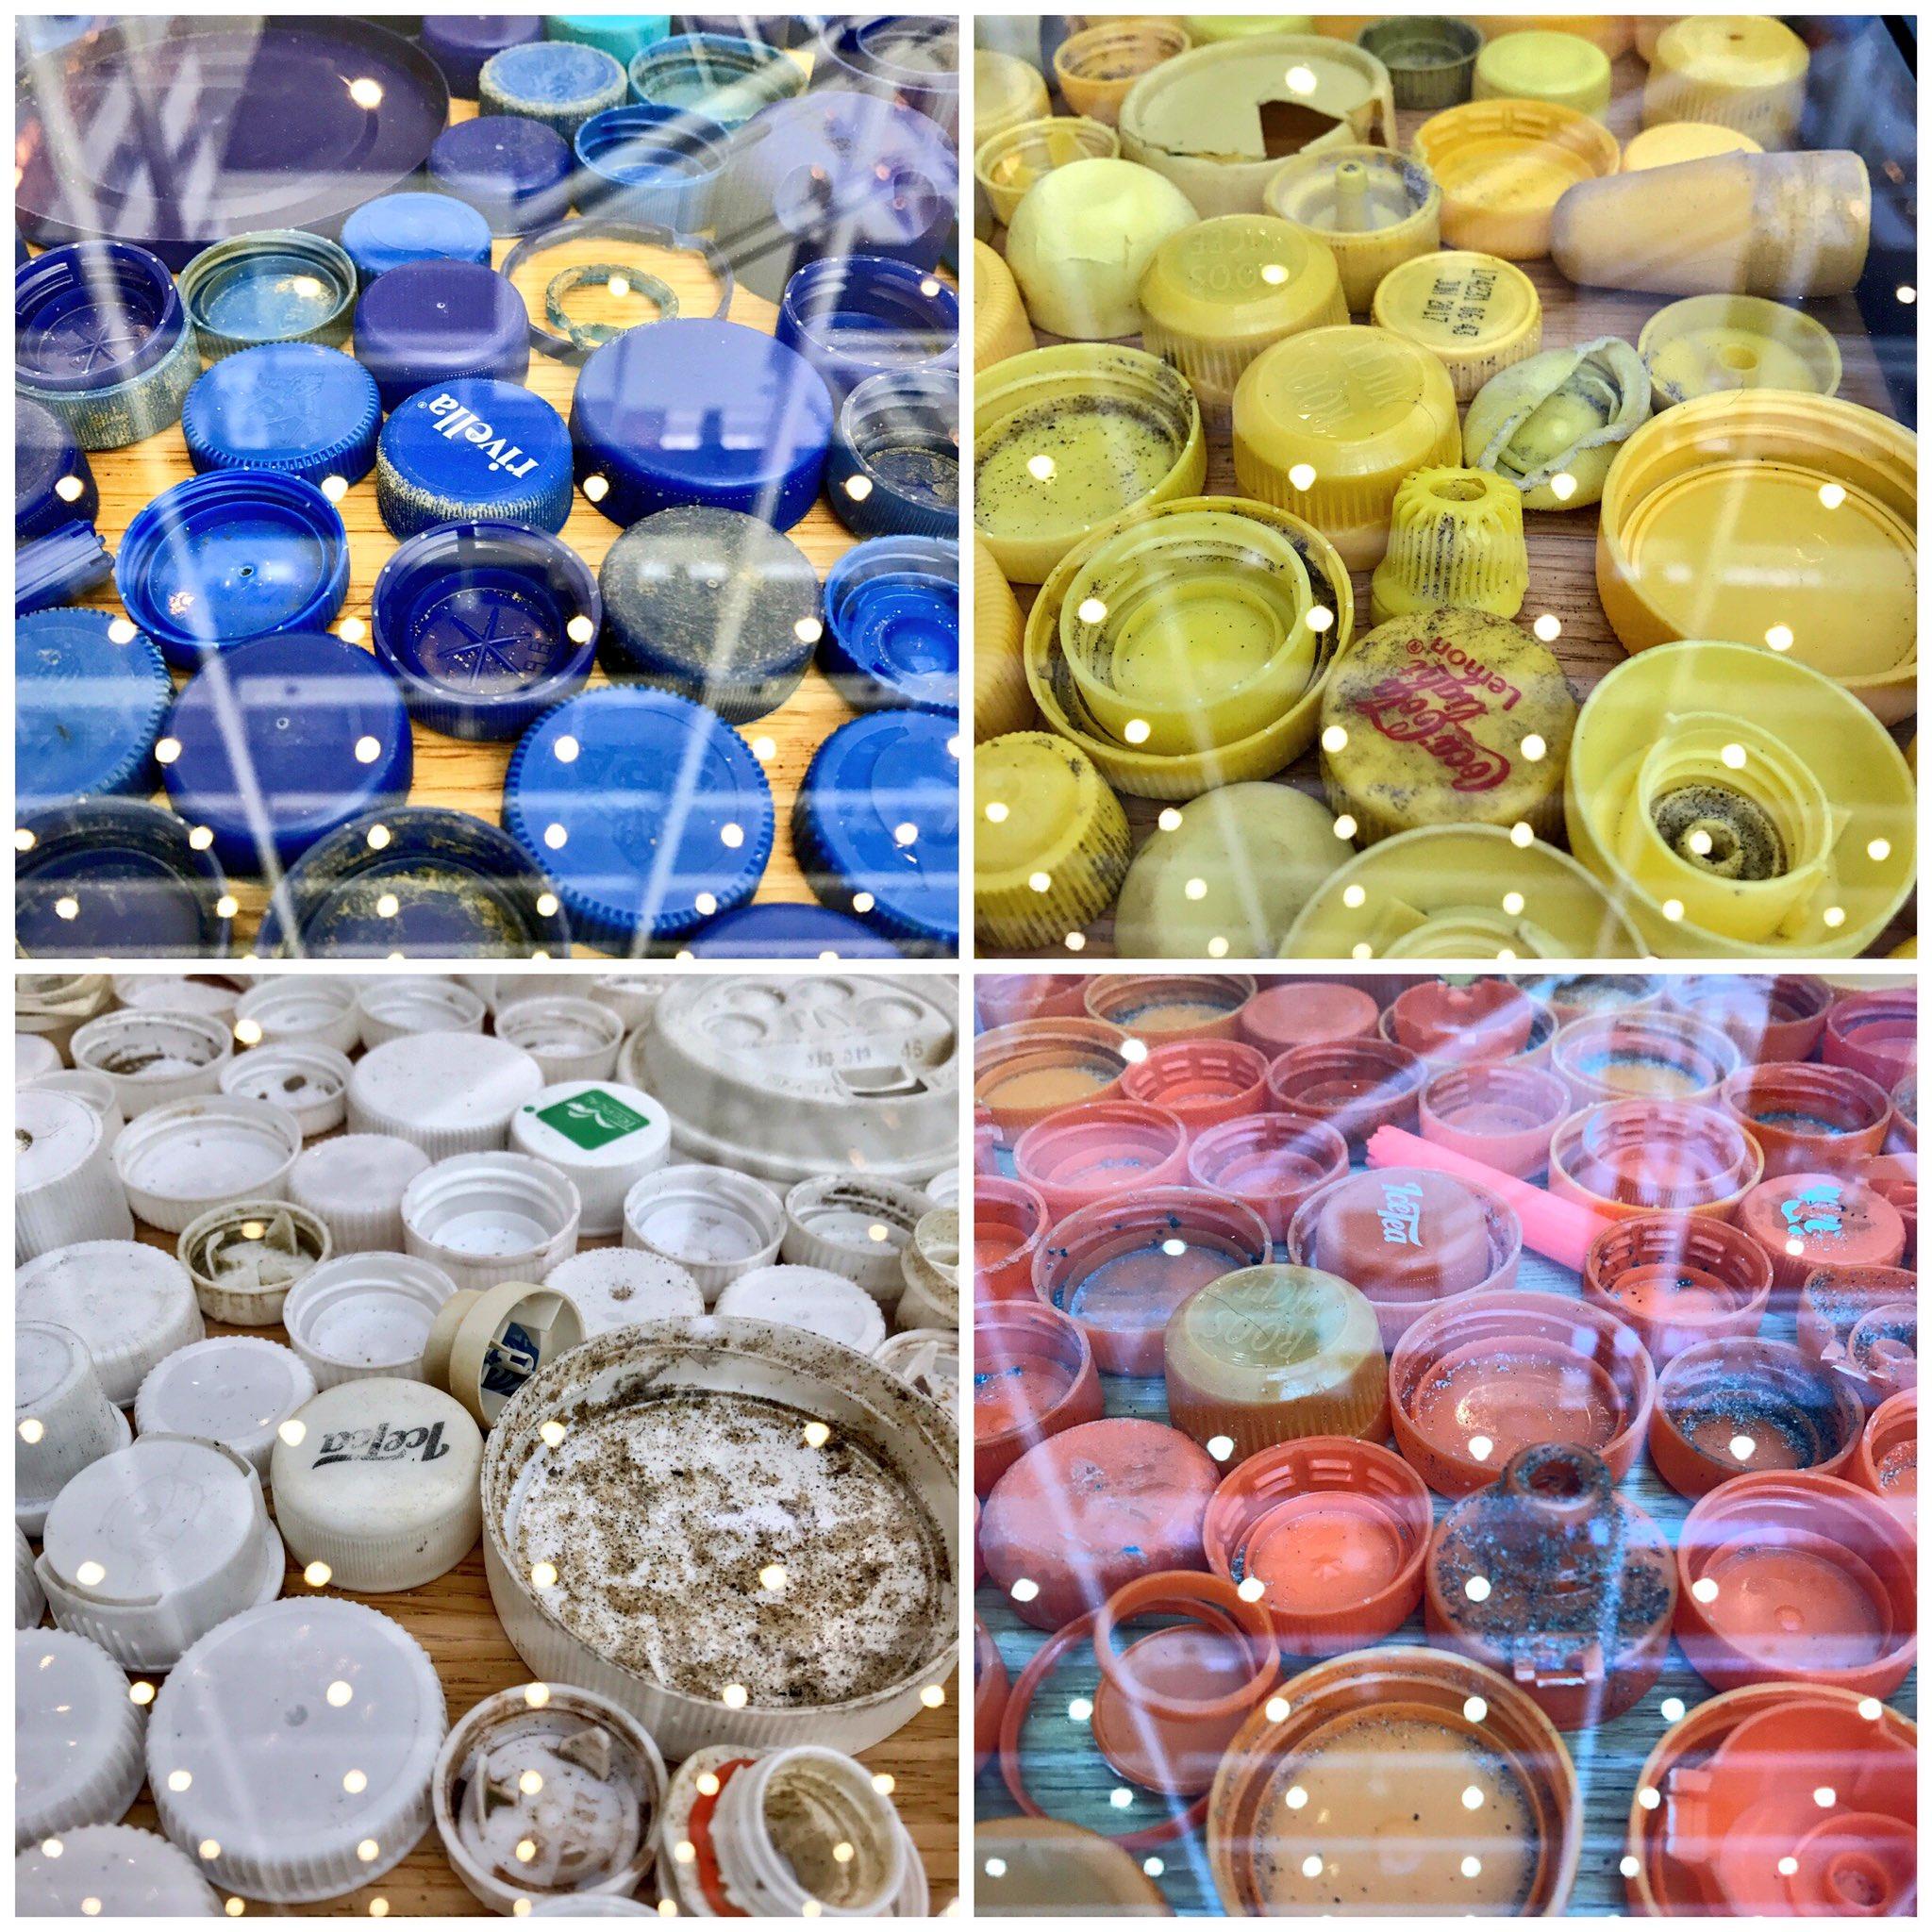 In het stadhuis @GemeenteDenHaag zijn de resultaten van de #opruimestafette te zien. O.a. plastic doppen, nu in een tafel. ;-) #zwerfie https://t.co/2Ll38alR5o